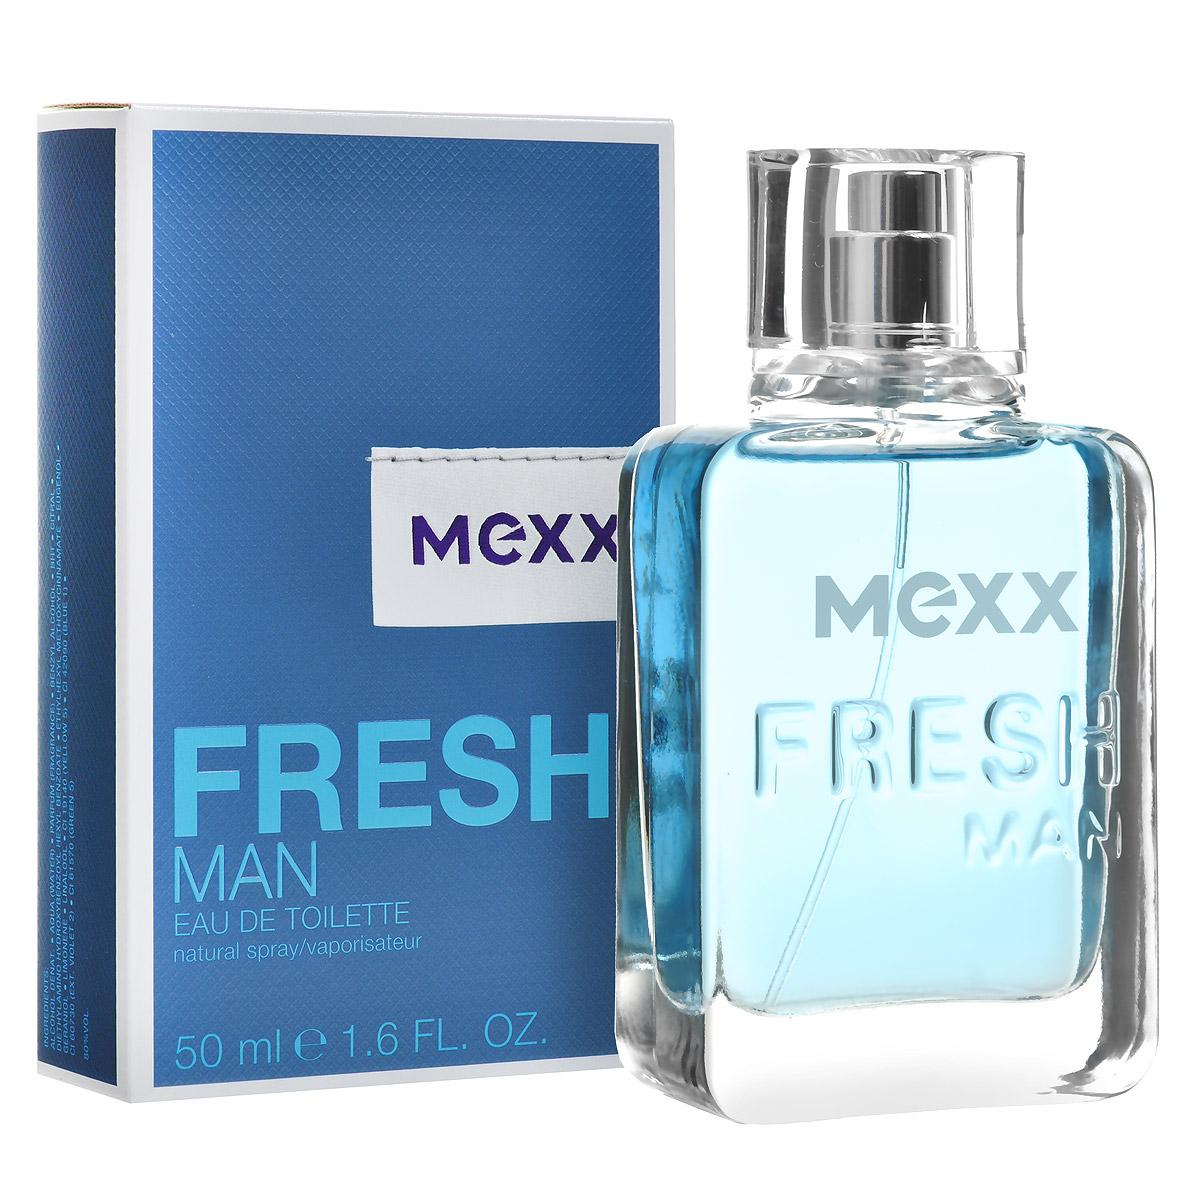 Mexx Туалетная вода Fresh Man, 50 мл0737052682235Мужской древесный водный парфюм Fresh Man создан голландским модным домом Mexx в 2011 году. Этот оригинальный, экзотический, слегка зеленый, чуть фруктовый, немного сливочный, выразительный, легкий, чистый, бодрящий древесный аромат с нотами амбры от Mexx напоминает свежий морской бриз, он придаст энергии, зарядит оптимизмом и подарит хорошее настроение на весь день. В букет композиции Fresh Man входит маракуя, зеленый кориандр, мускатный орех и амбра. Парфюм подходит для использования в качестве дневного аромата, лучше всего раскрывается в теплую весеннюю и летнюю погоду.Верхняя нота: Маракуя.Средняя нота: зеленый кориандр, мускатный орех.Шлейф: Амбра.Теплый, манящий мускатный орех и кориандр придают сердцу аромата мягкость и зрелость, а нижняя нота представлена древесно-амбровым сочетанием, несущим прозрачность, легкость и свет.Дневной и вечерний аромат.Краткий гид по парфюмерии: виды, ноты, ароматы, советы по выбору. Статья OZON Гид